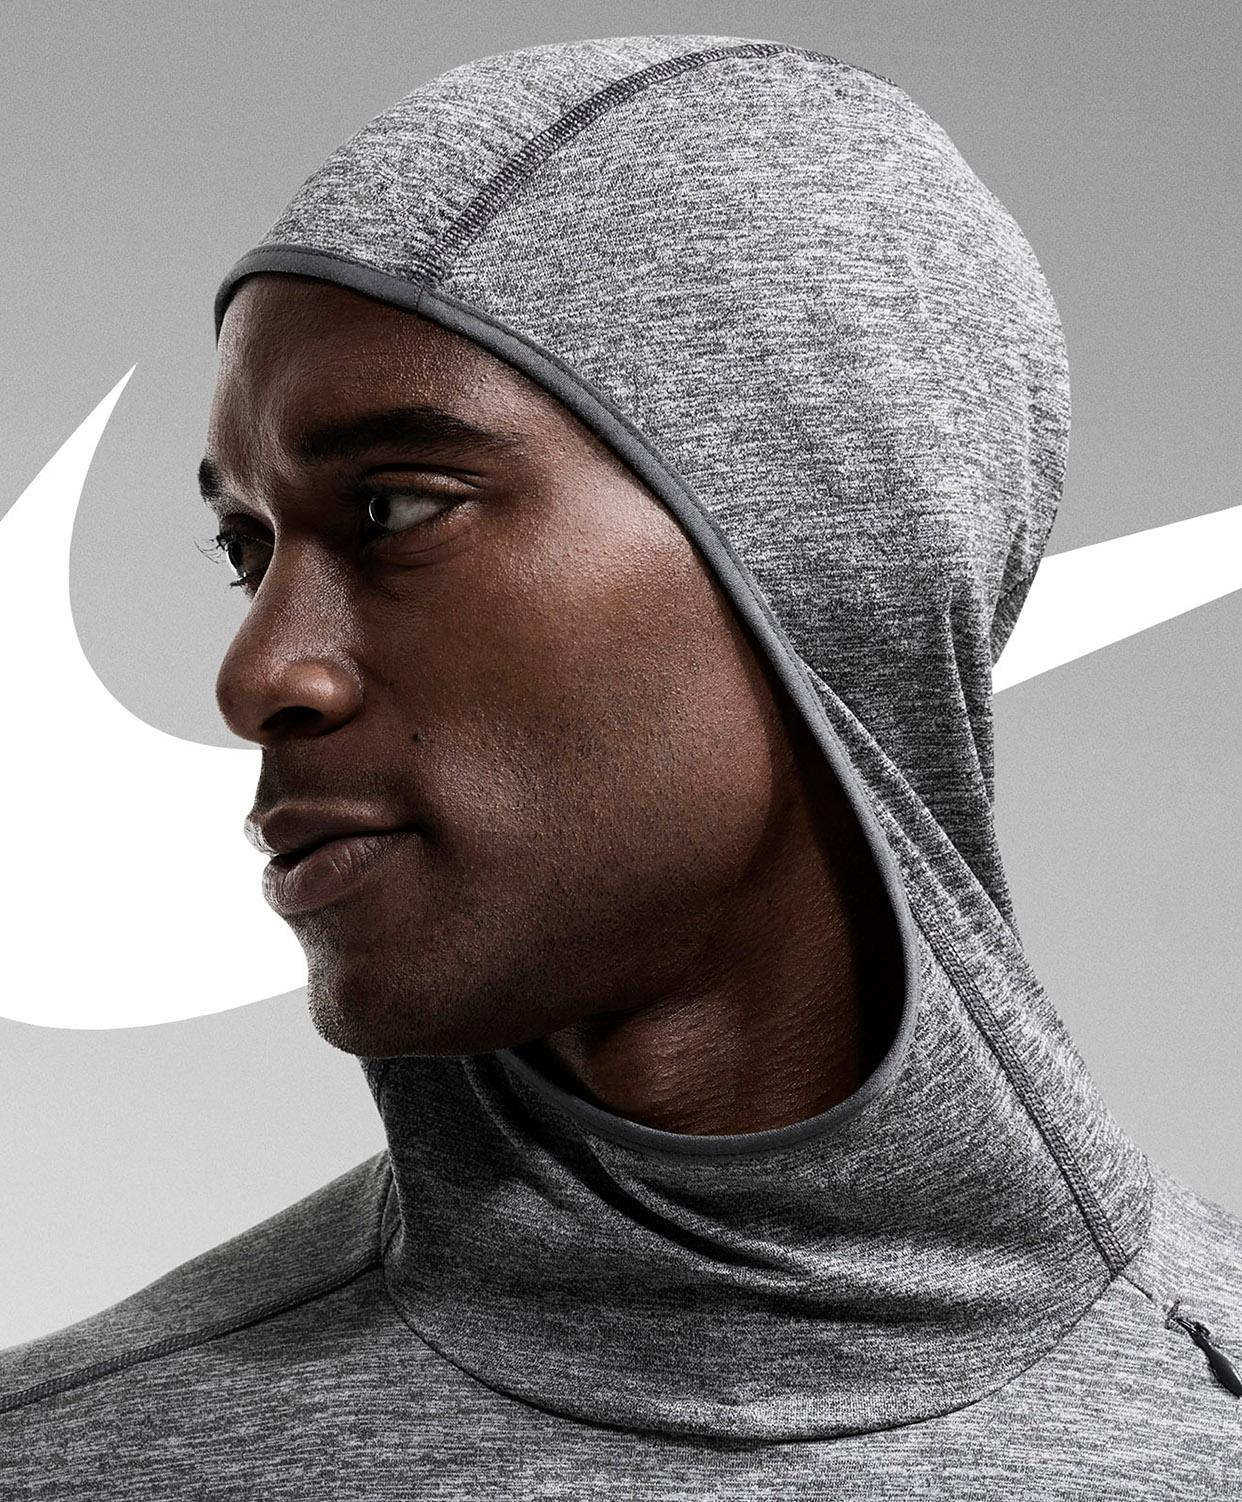 Ryan_Bubion_Nike_Running_Apparel_Thumbnail_04